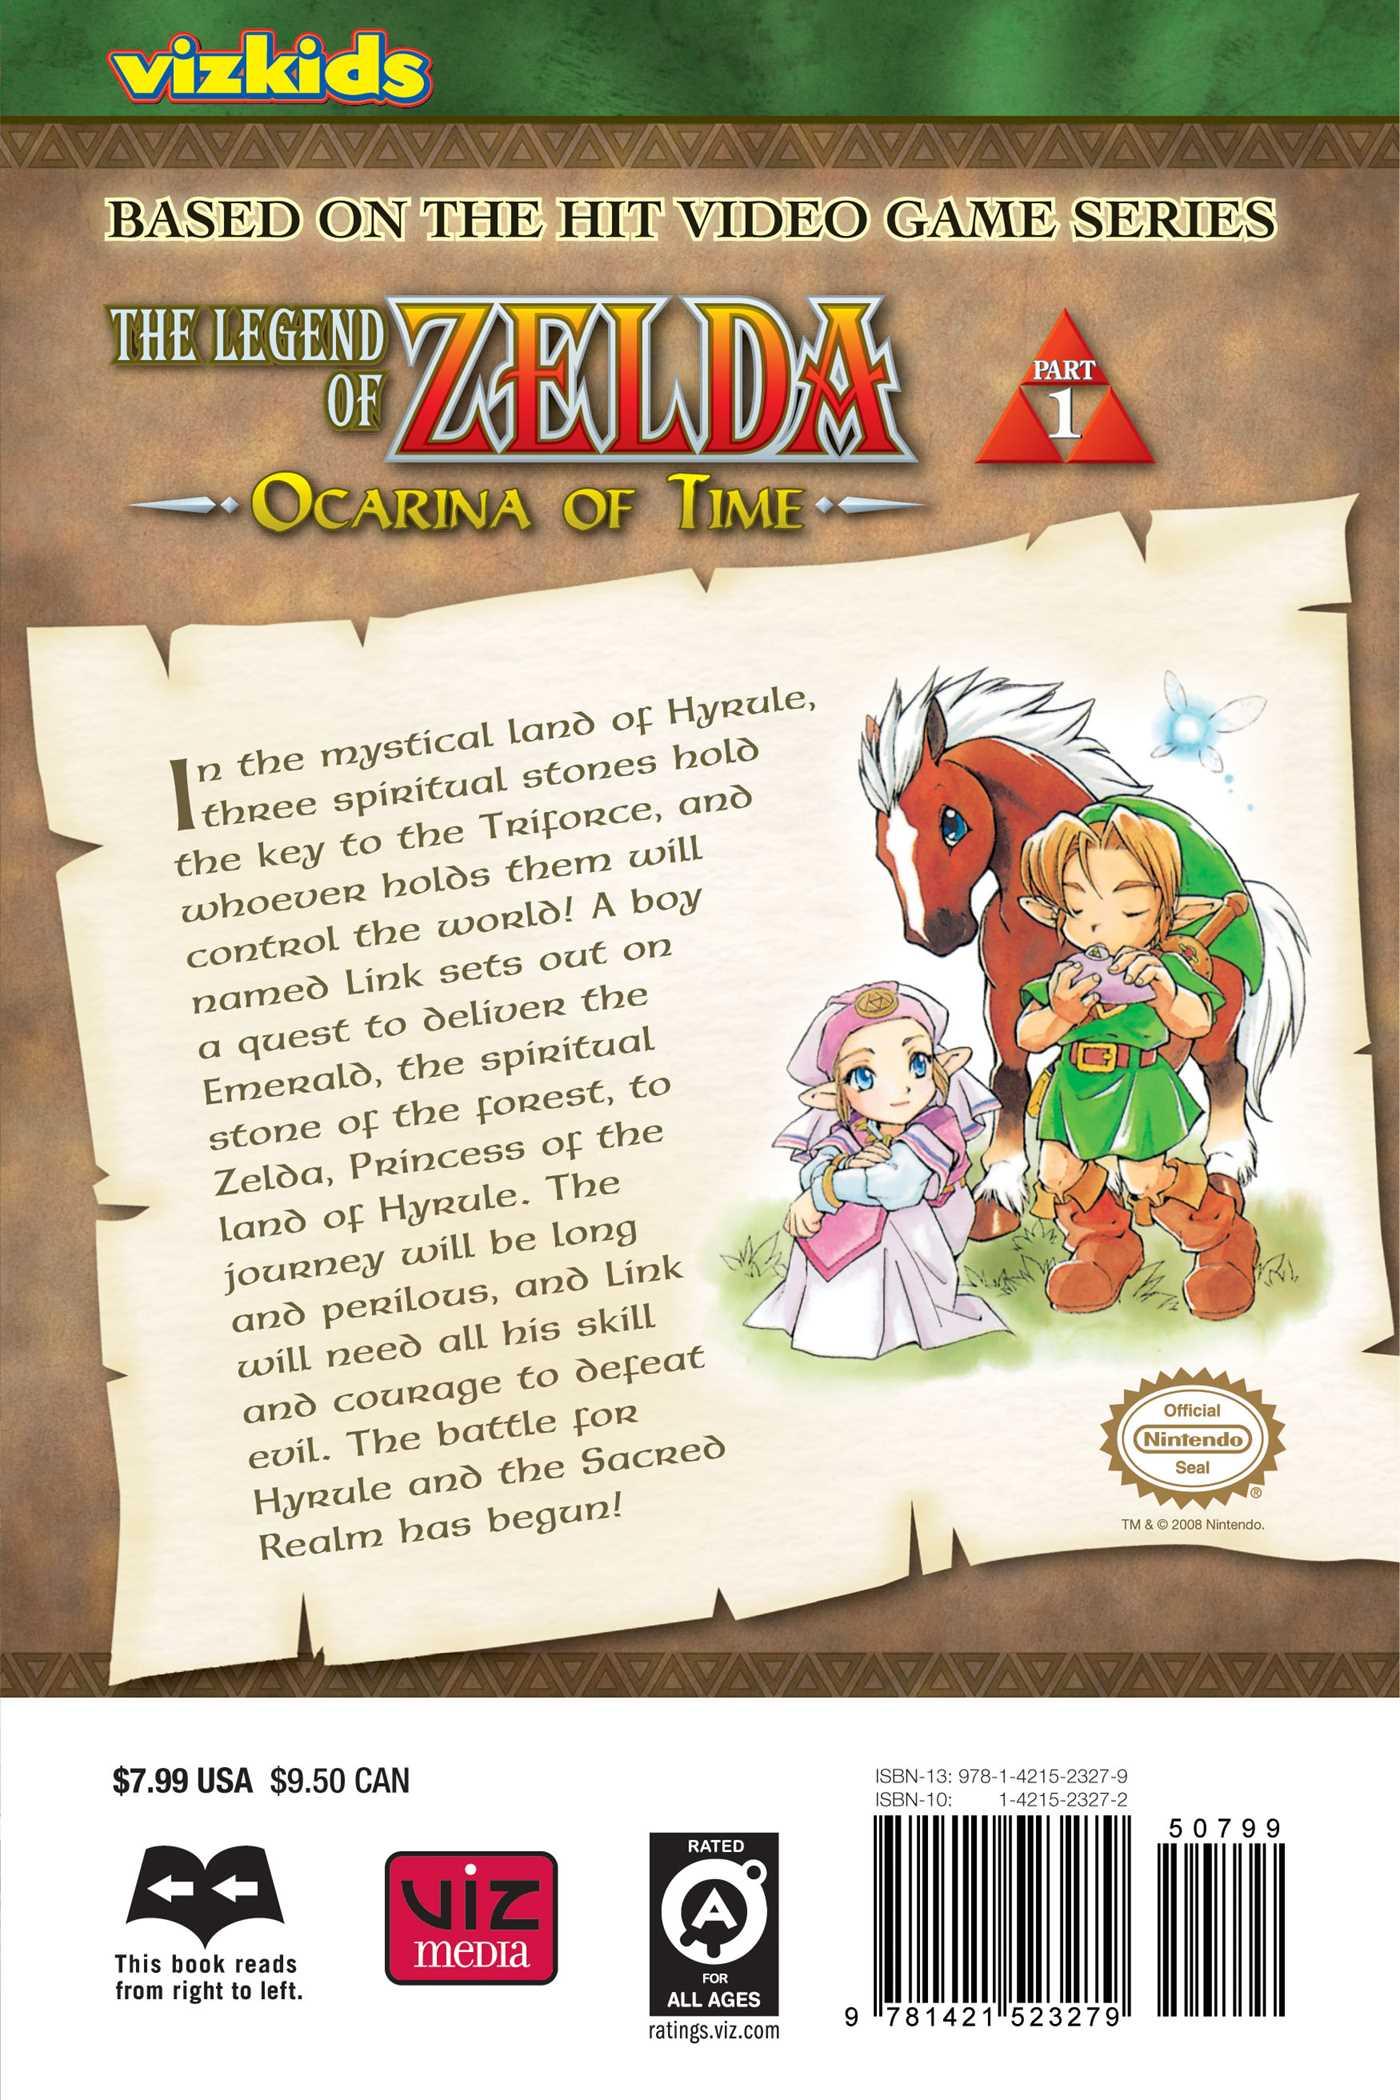 The legend of zelda vol 1 9781421523279 hr back